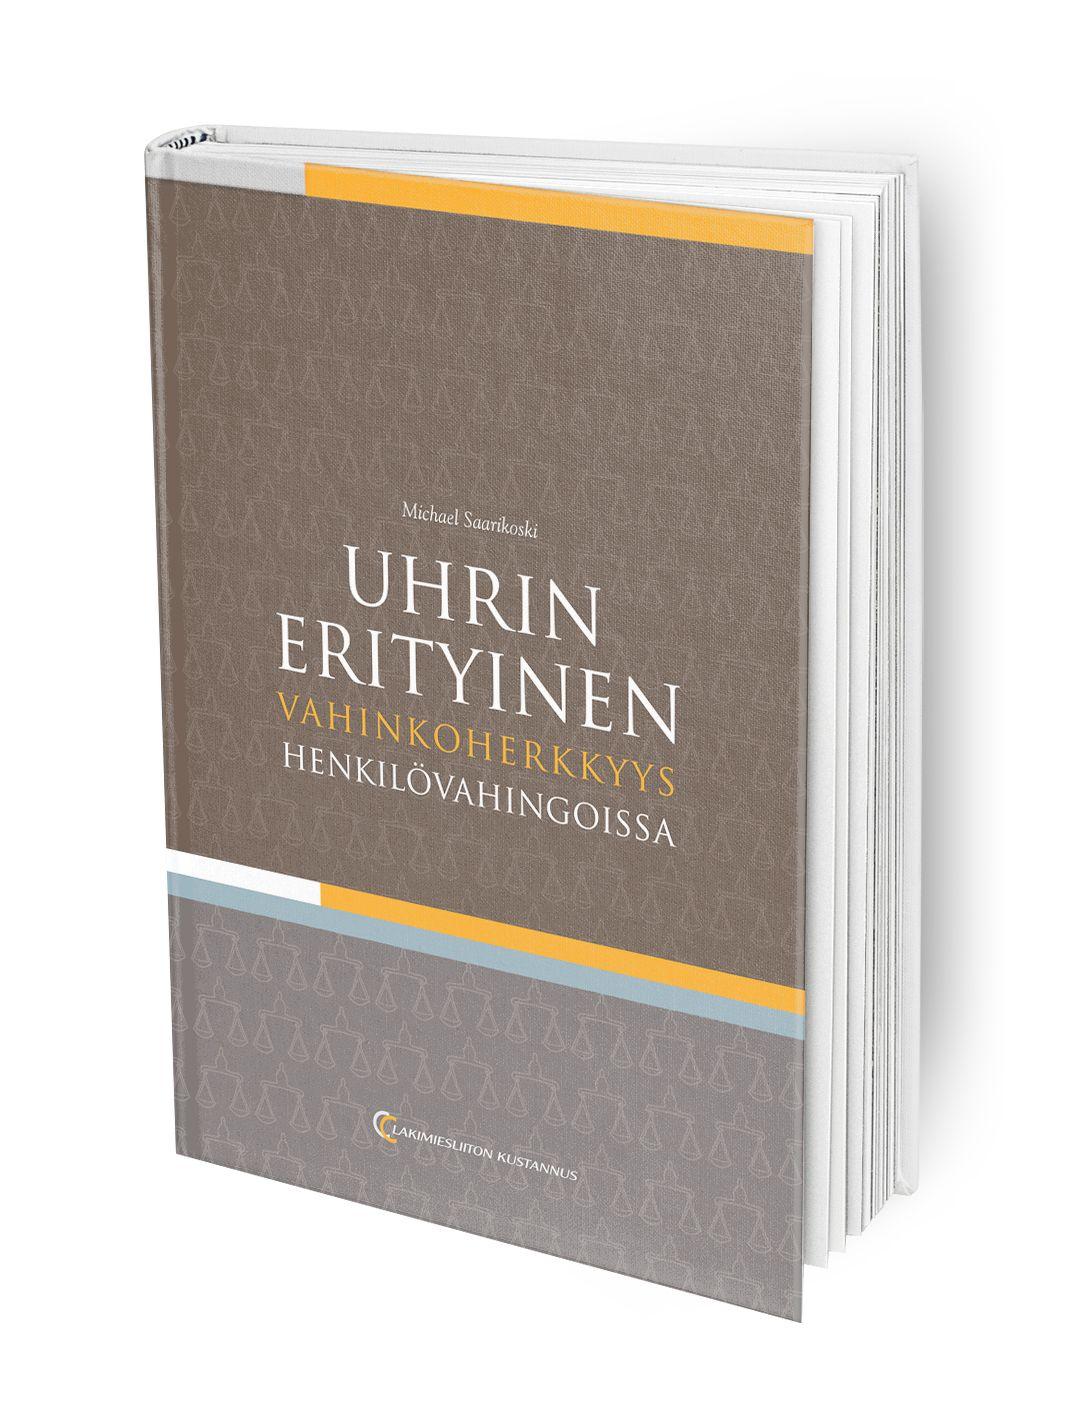 Teos on henkilövahinkojen syy-yhteyskysymyksiä käsitteleville tuomareille, esittelijöille ja asianajajille.